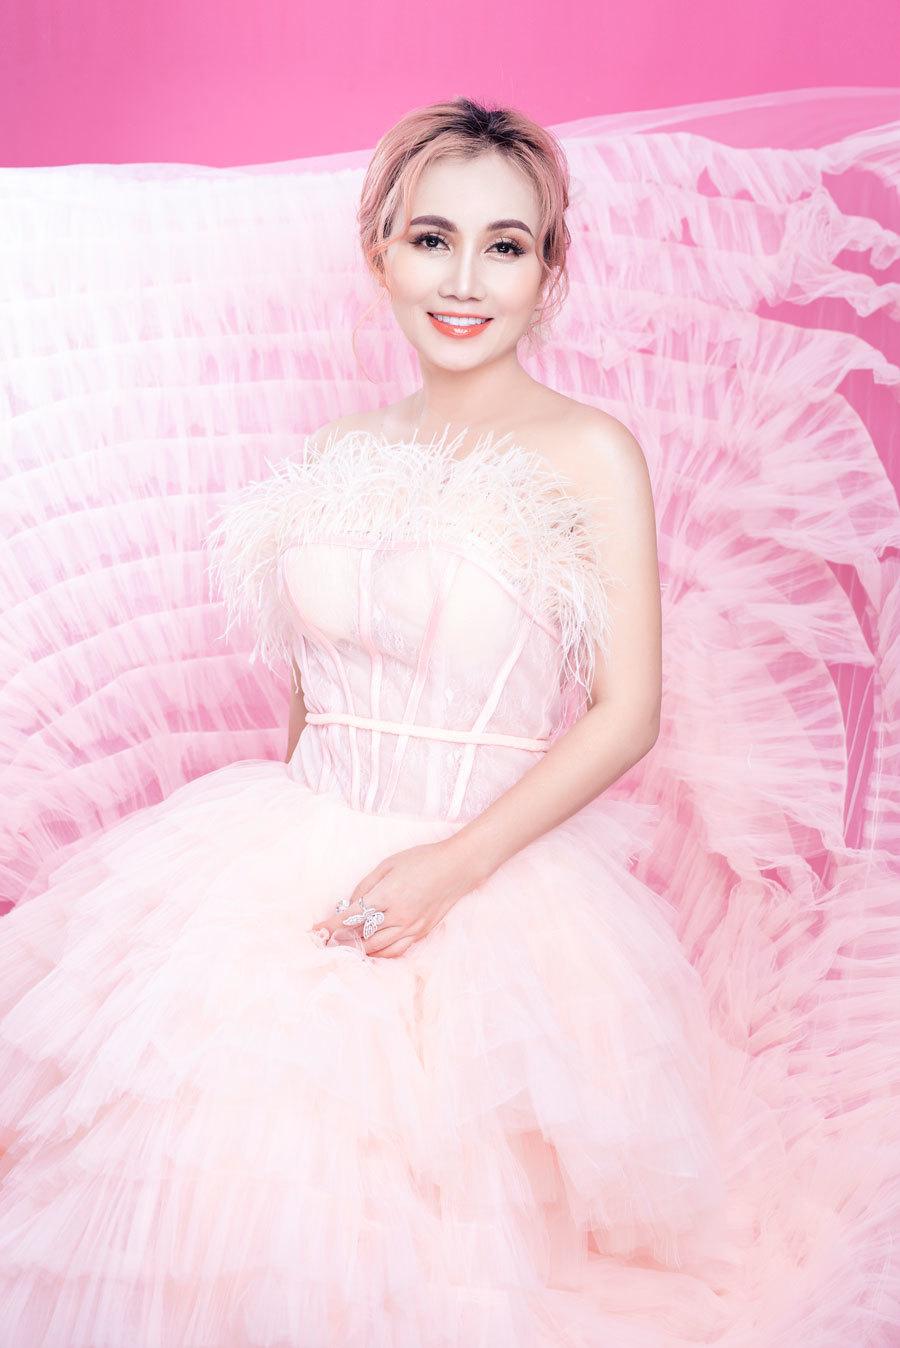 Diễn viên Hoàng Yến đang hẹn hò với bạn trai kém 16 tuổi